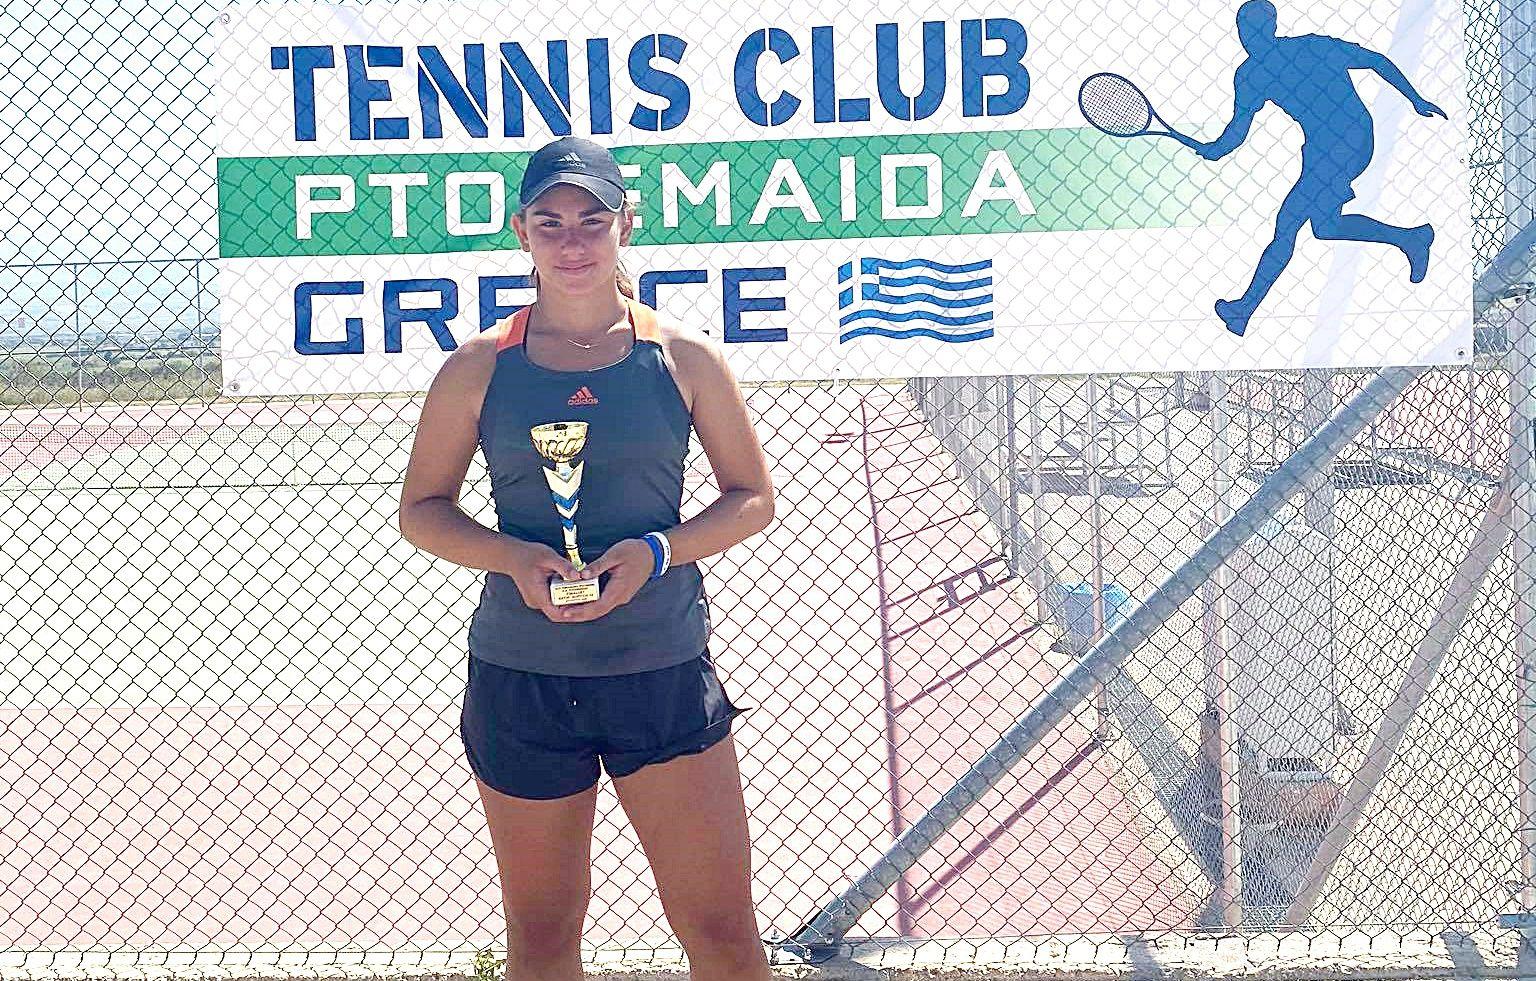 , Τένις: Λάμψη Παπακωνσταντίνου με διπλή επιτυχία στο Πανελλήνιο της Πτολεμαΐδας